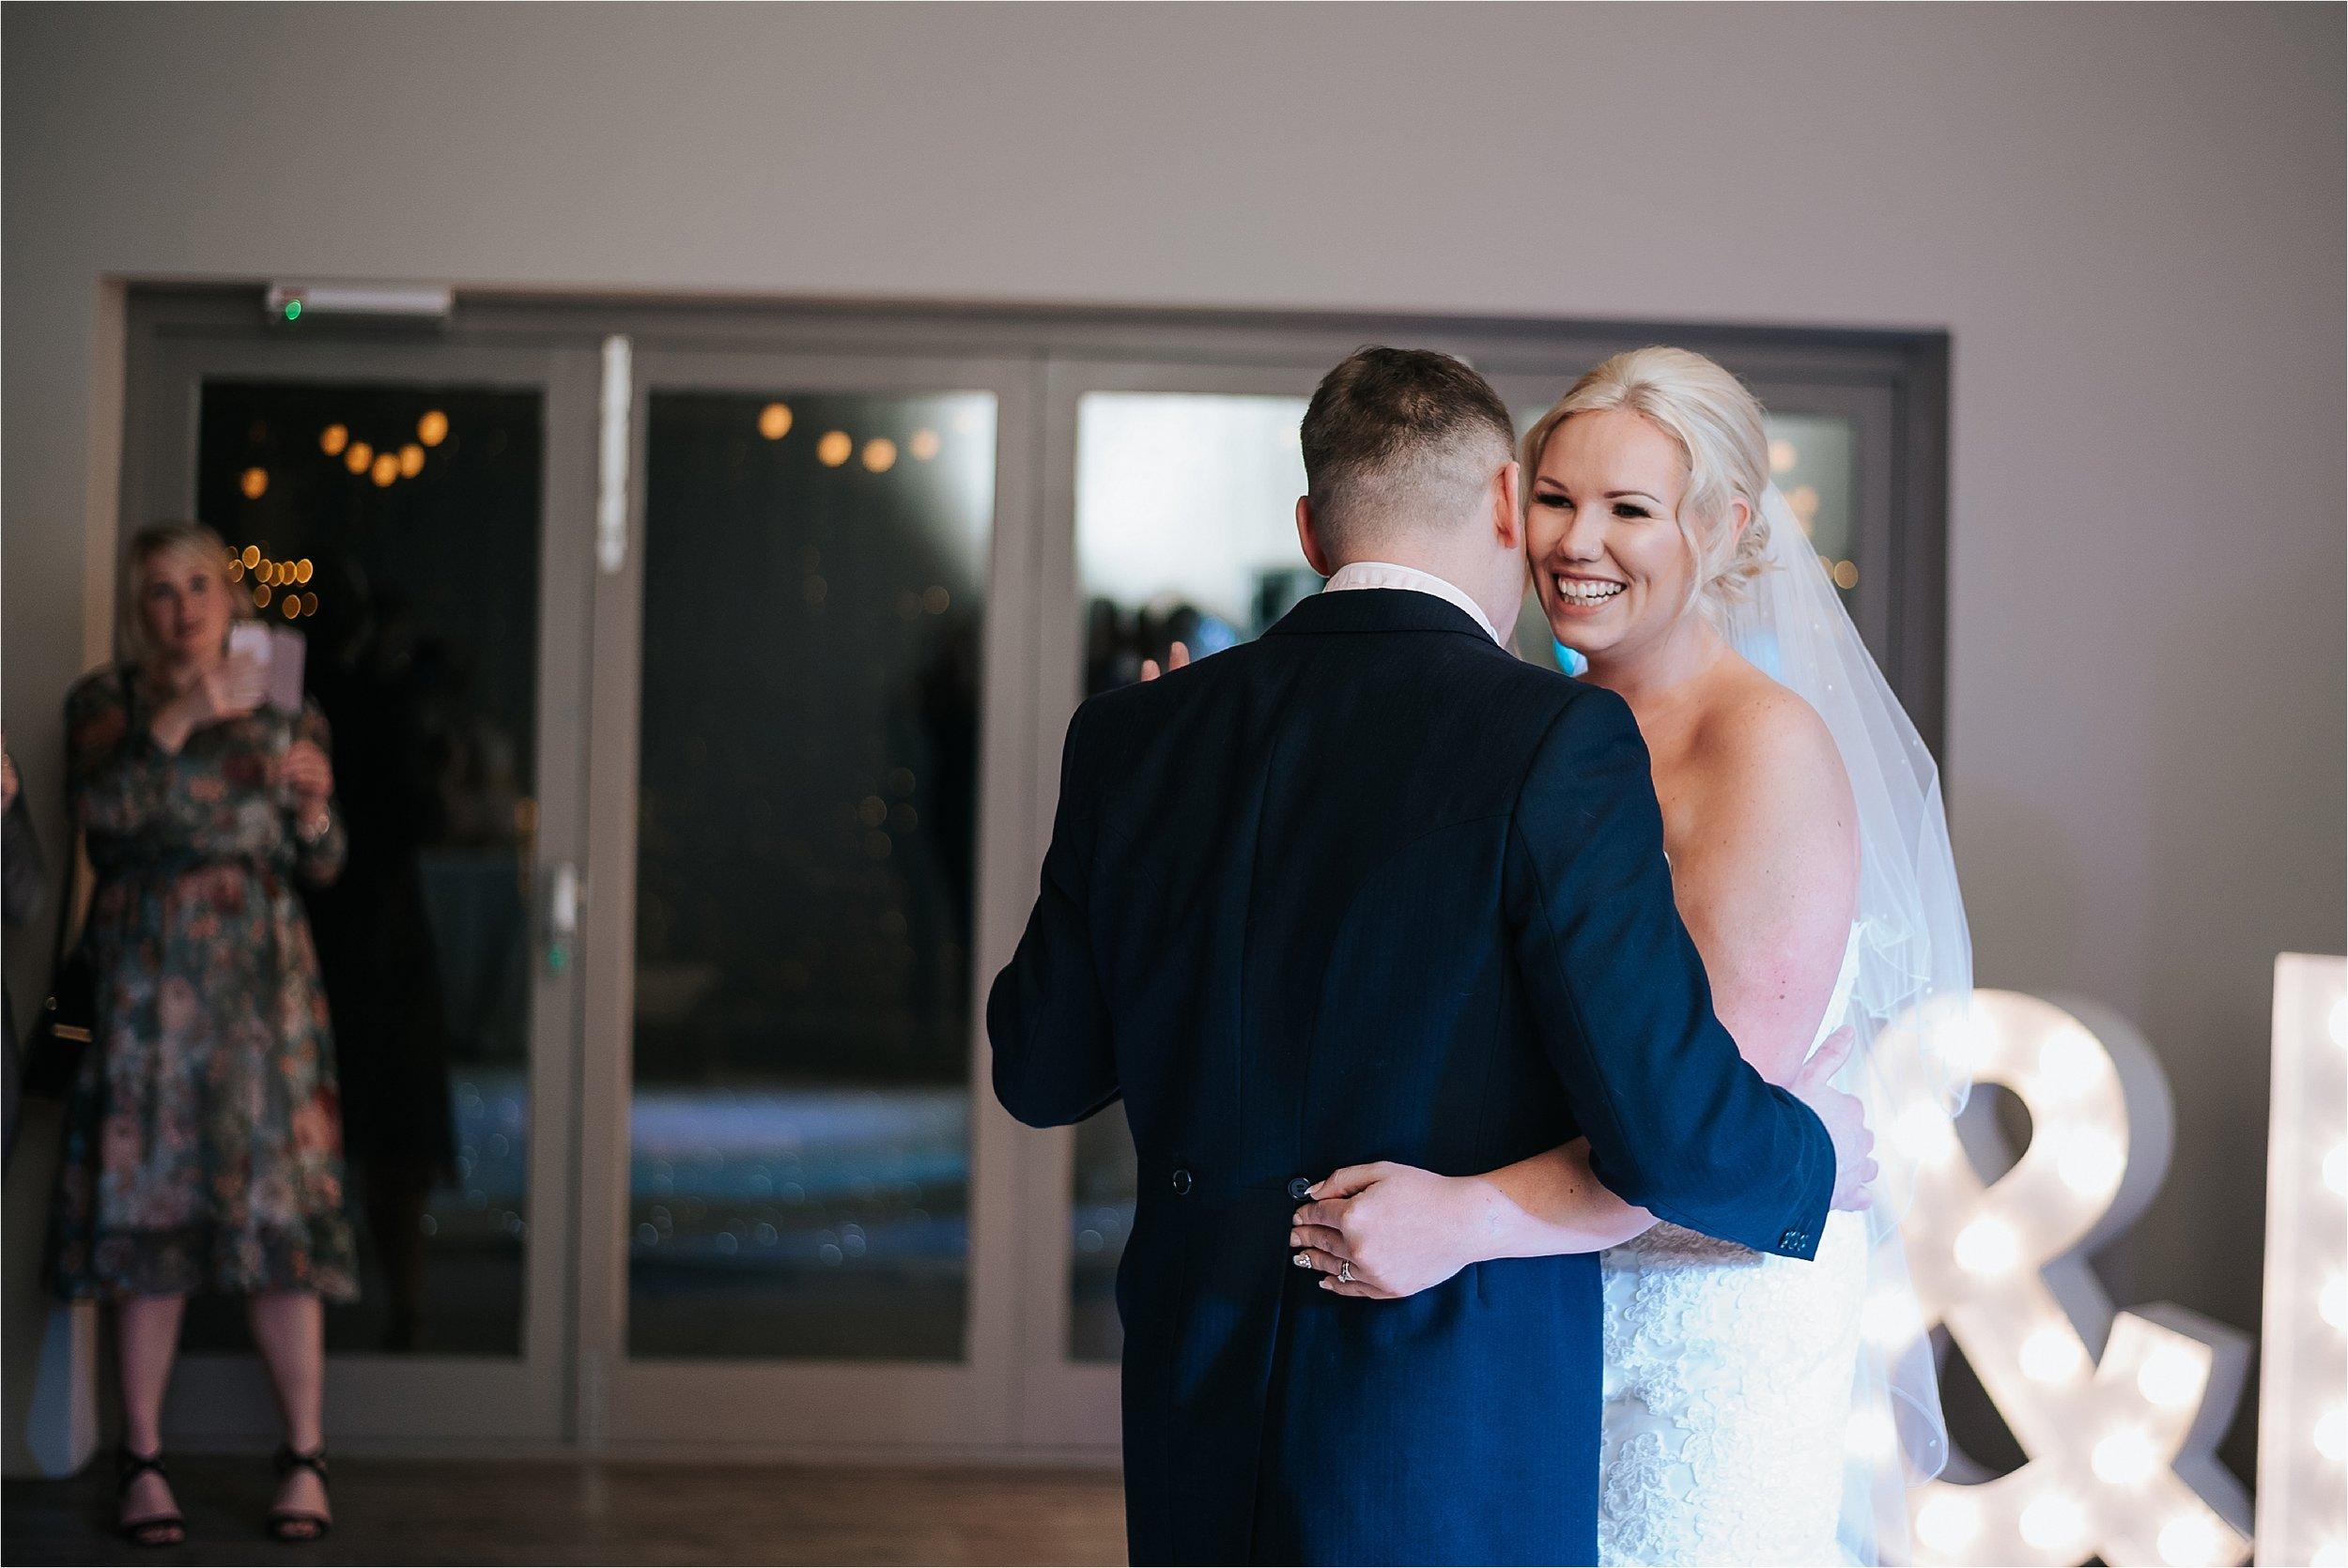 happy bride dancing at wedding